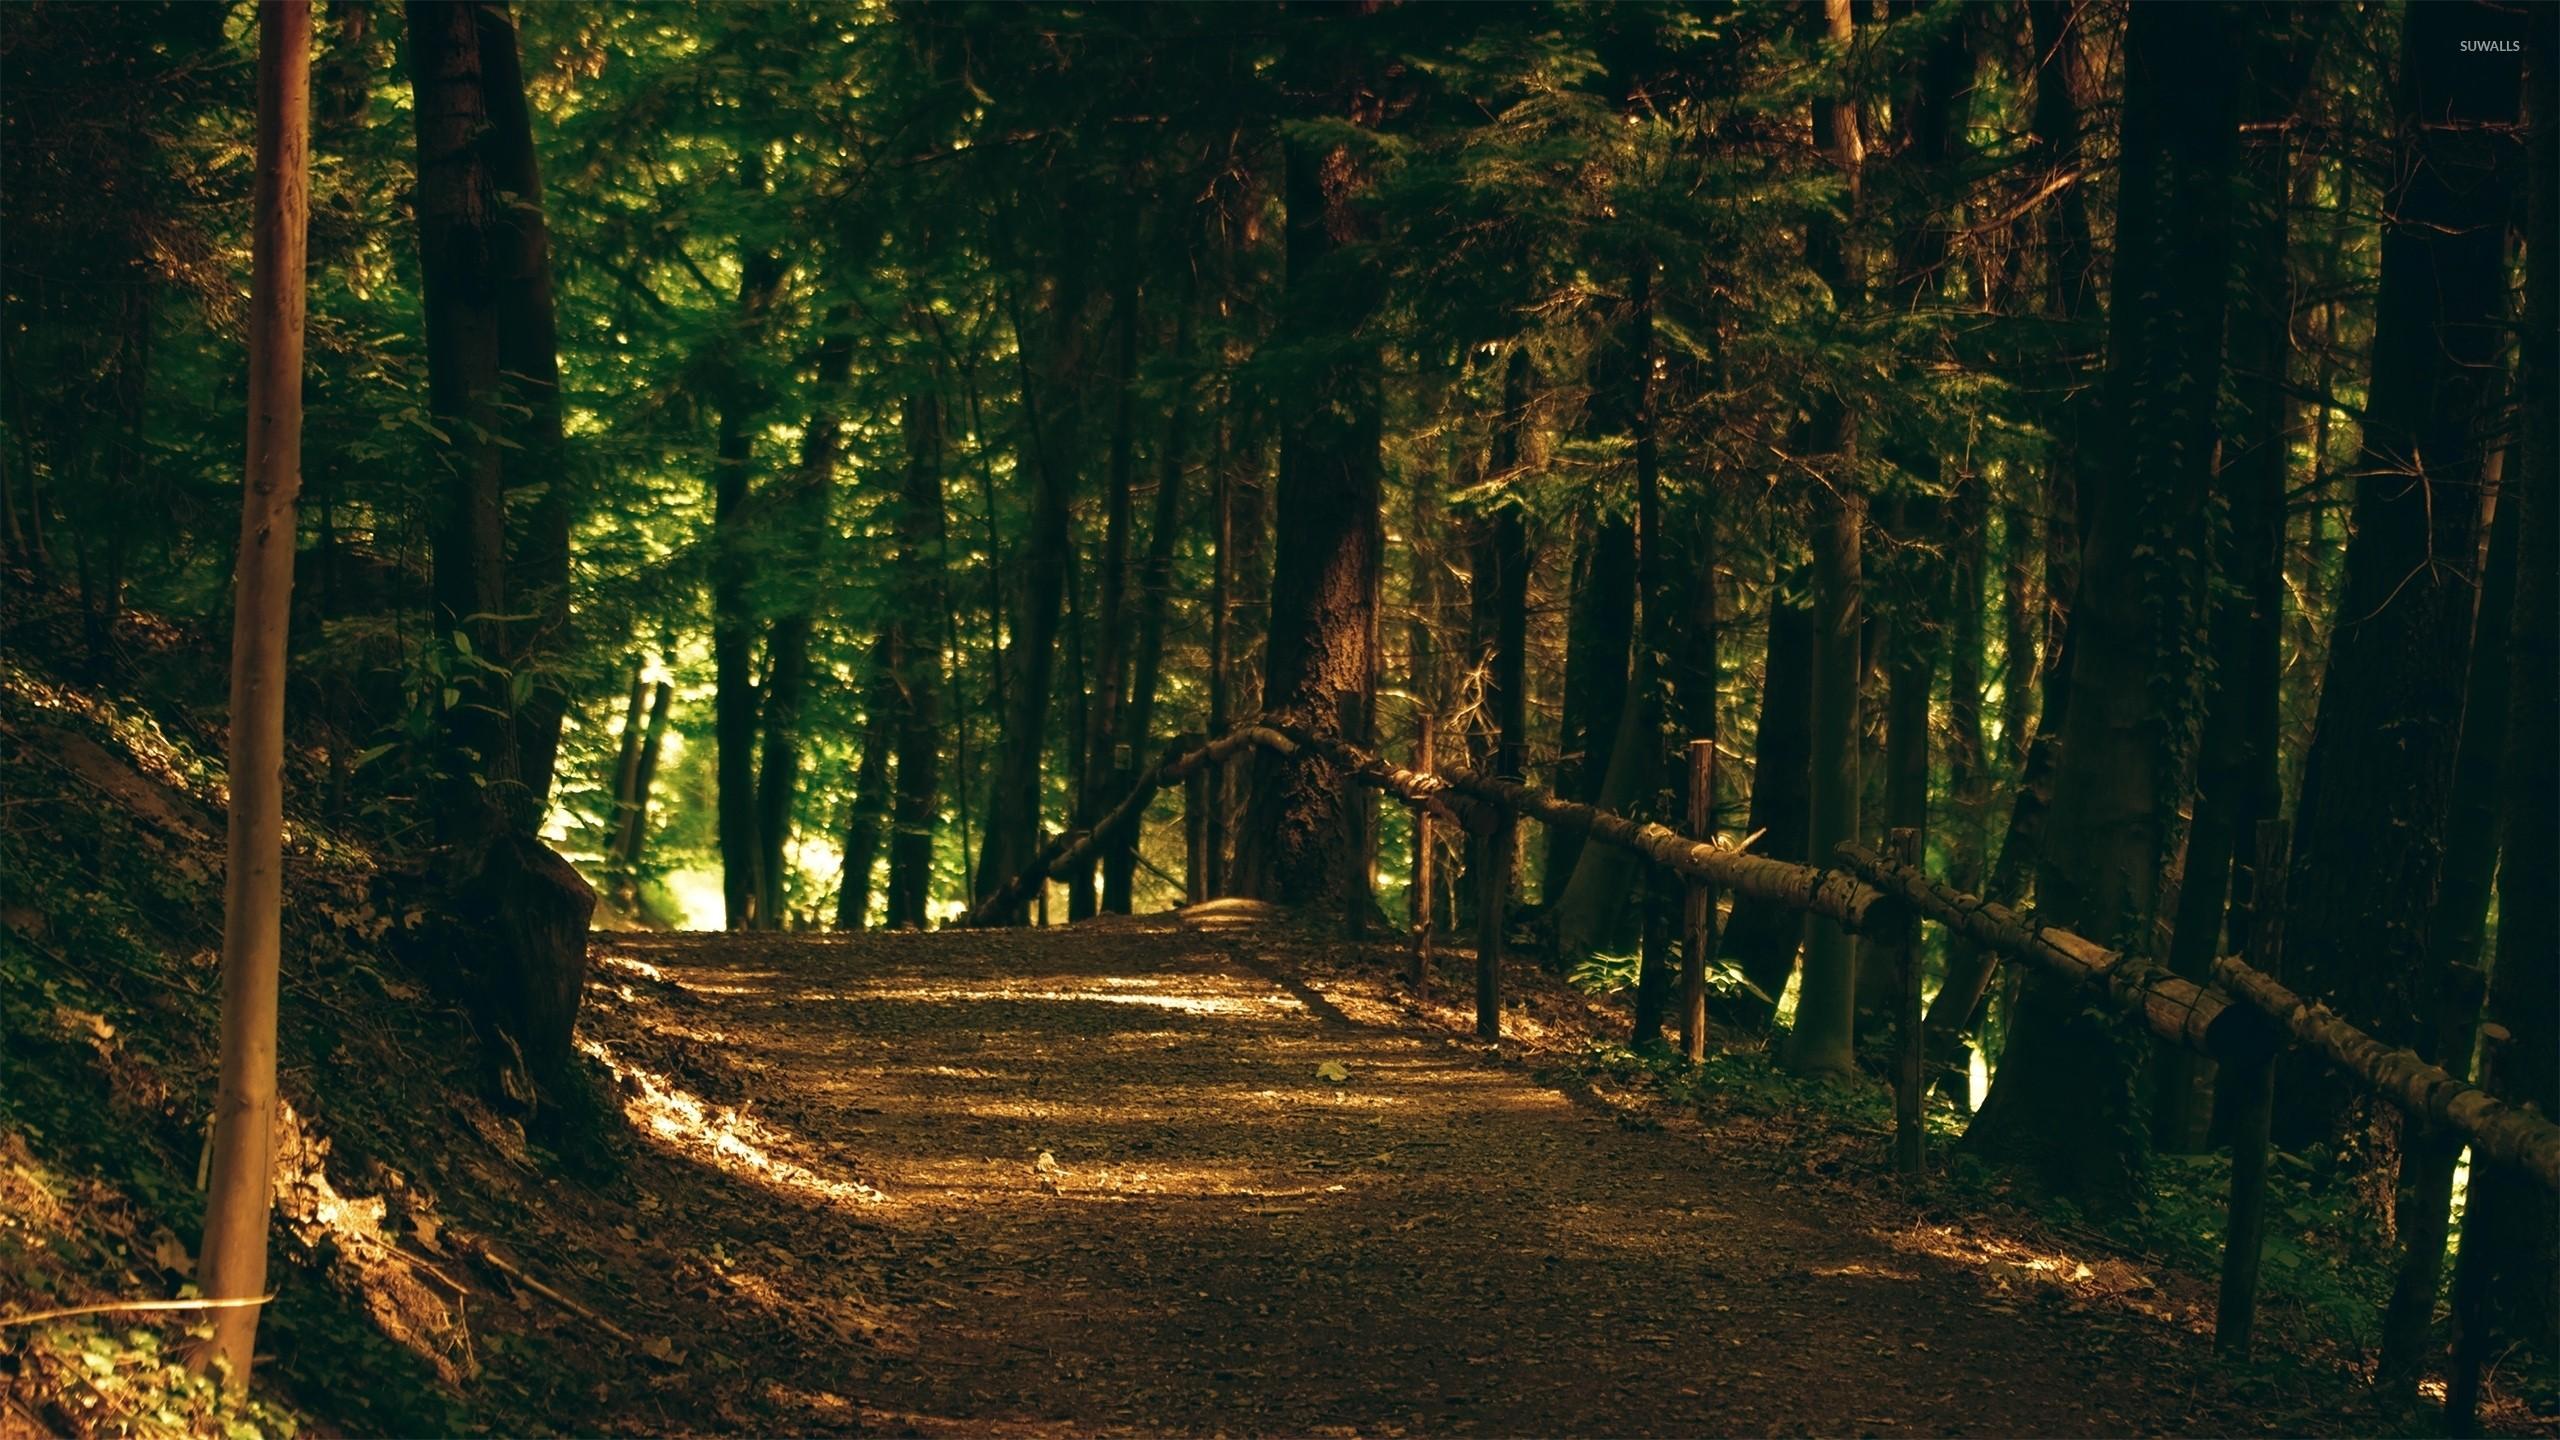 Woods Hd